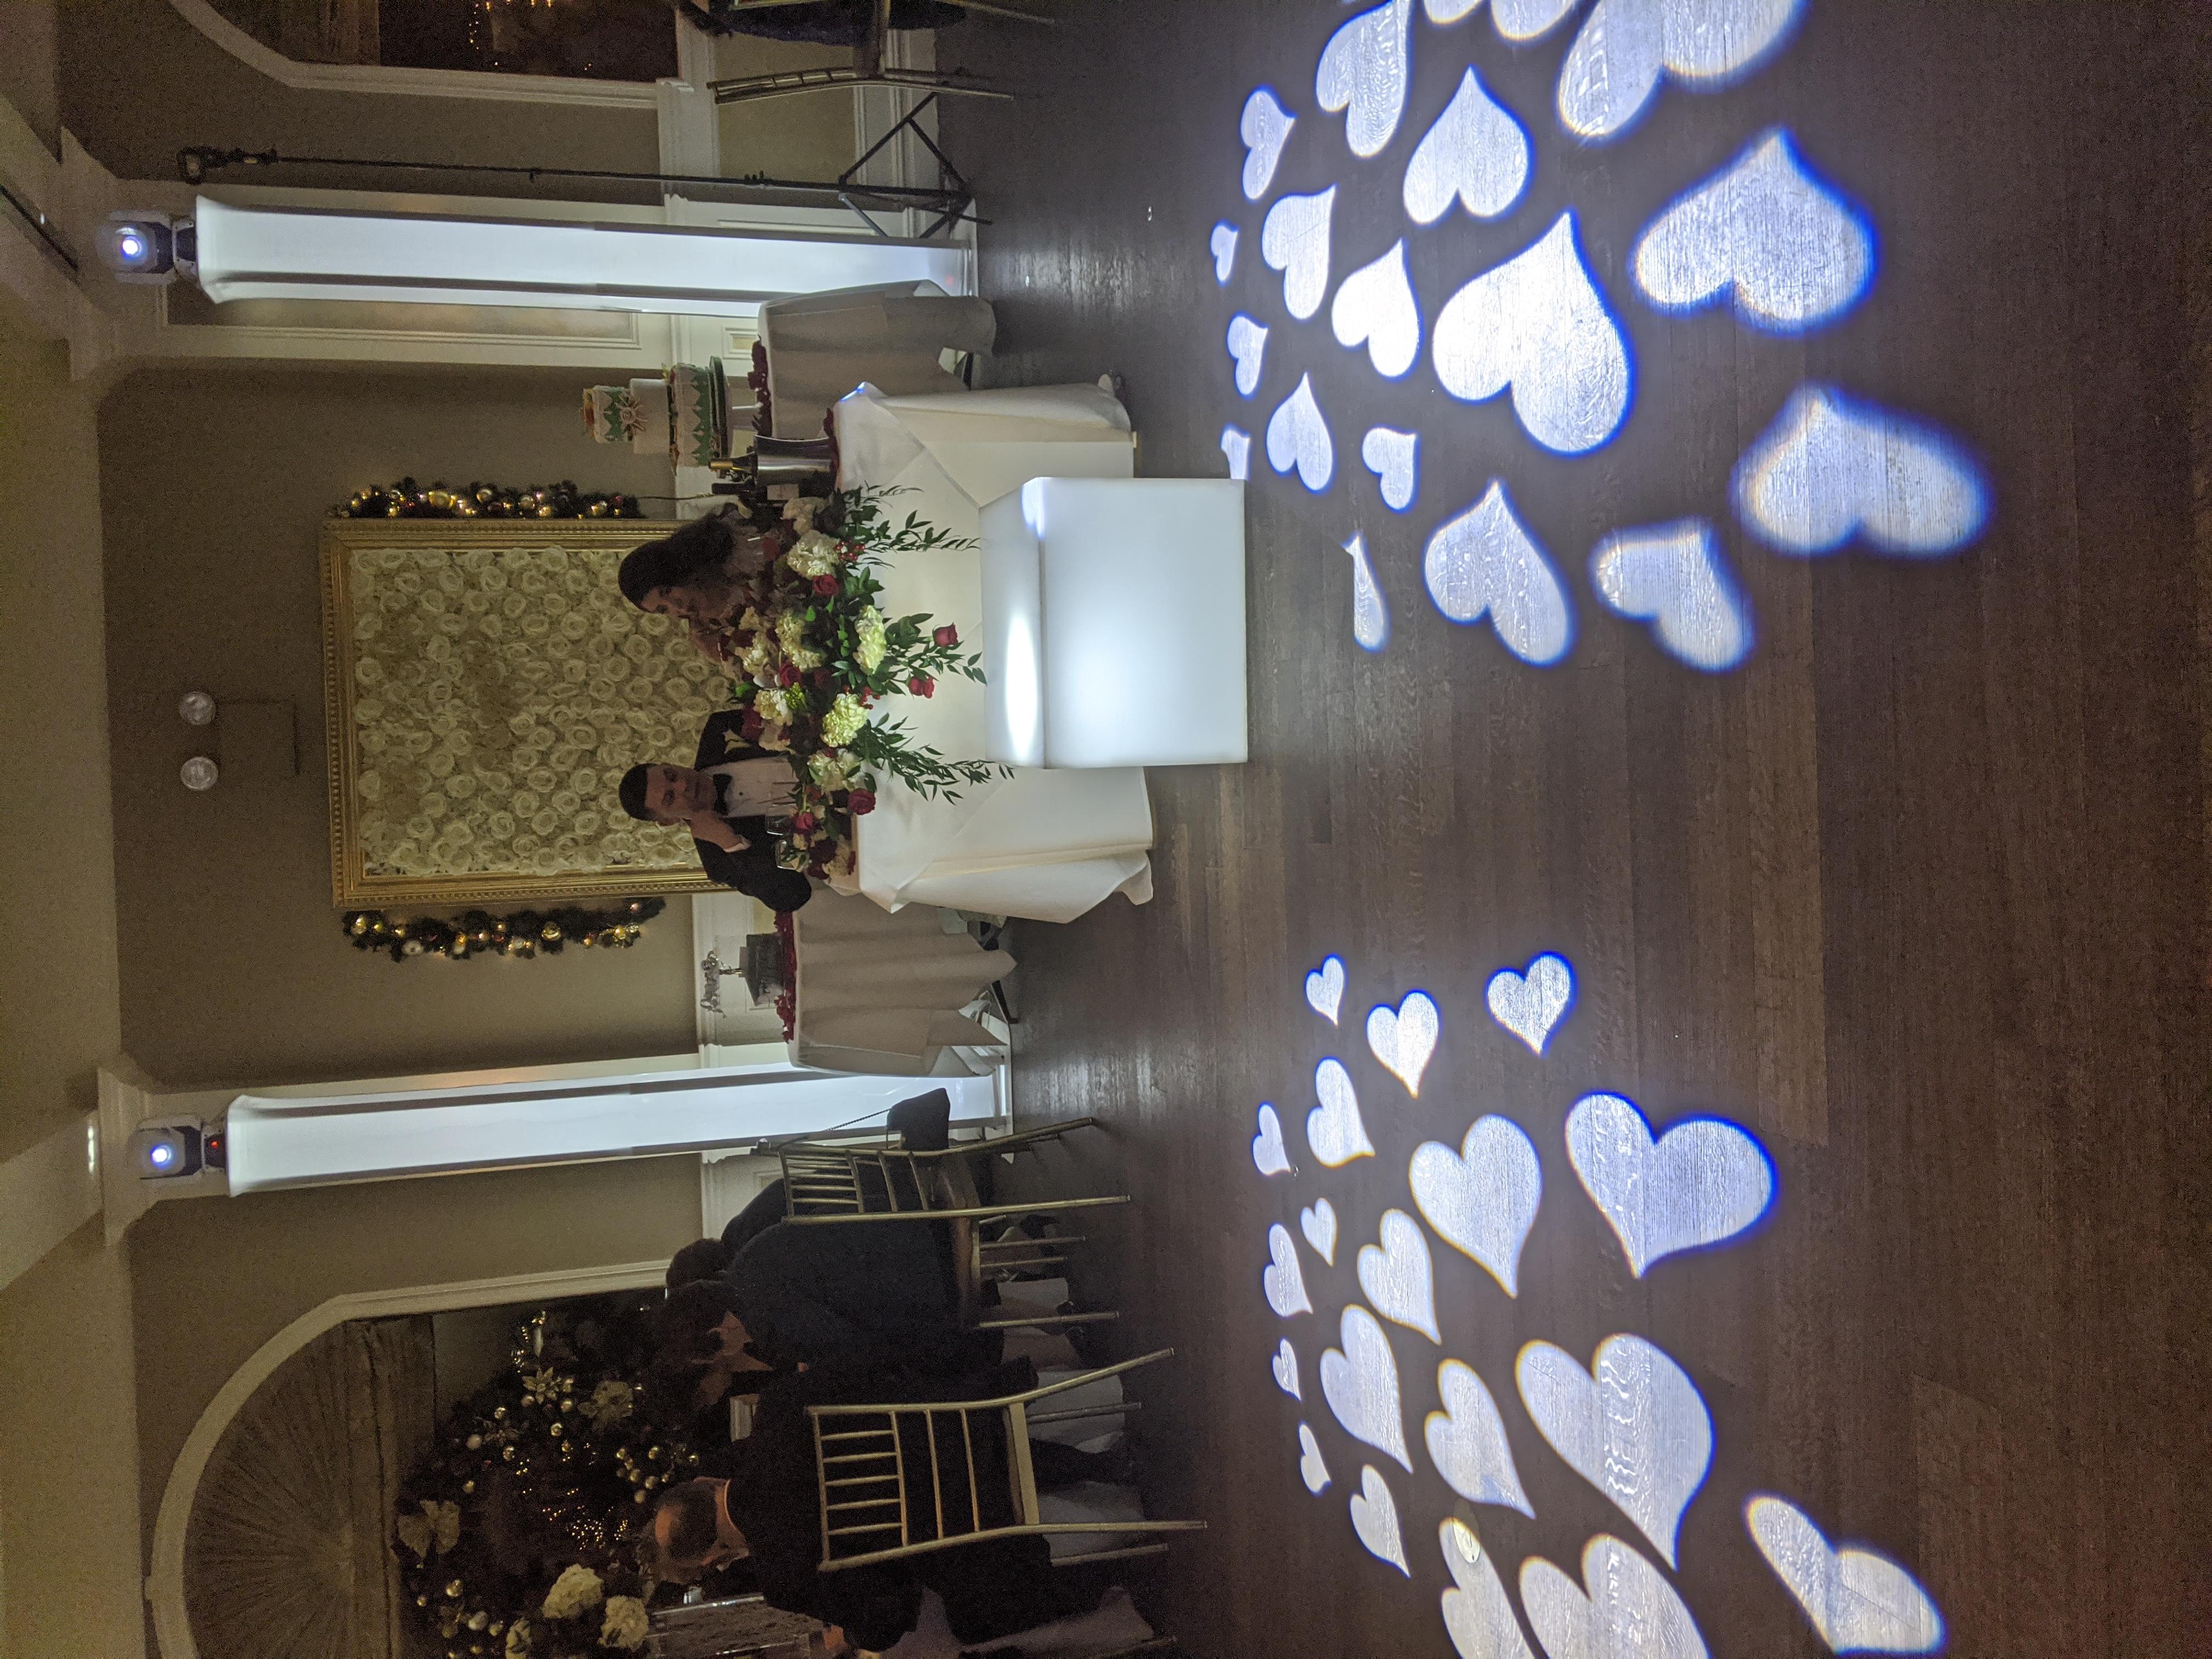 IL Bacco Ballroom